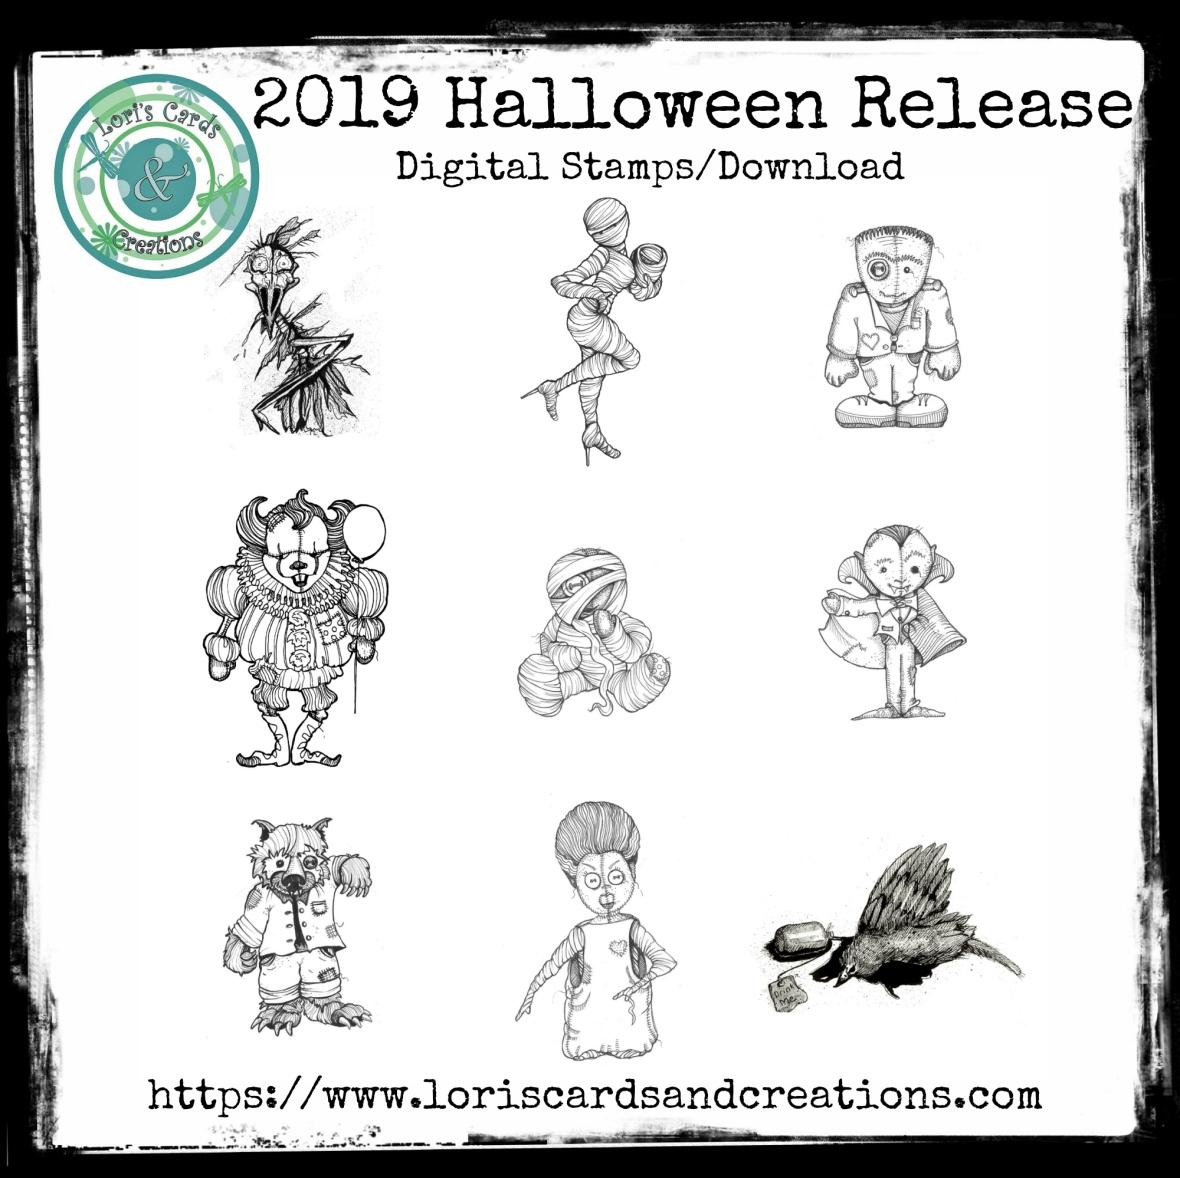 2019 Halloween Release